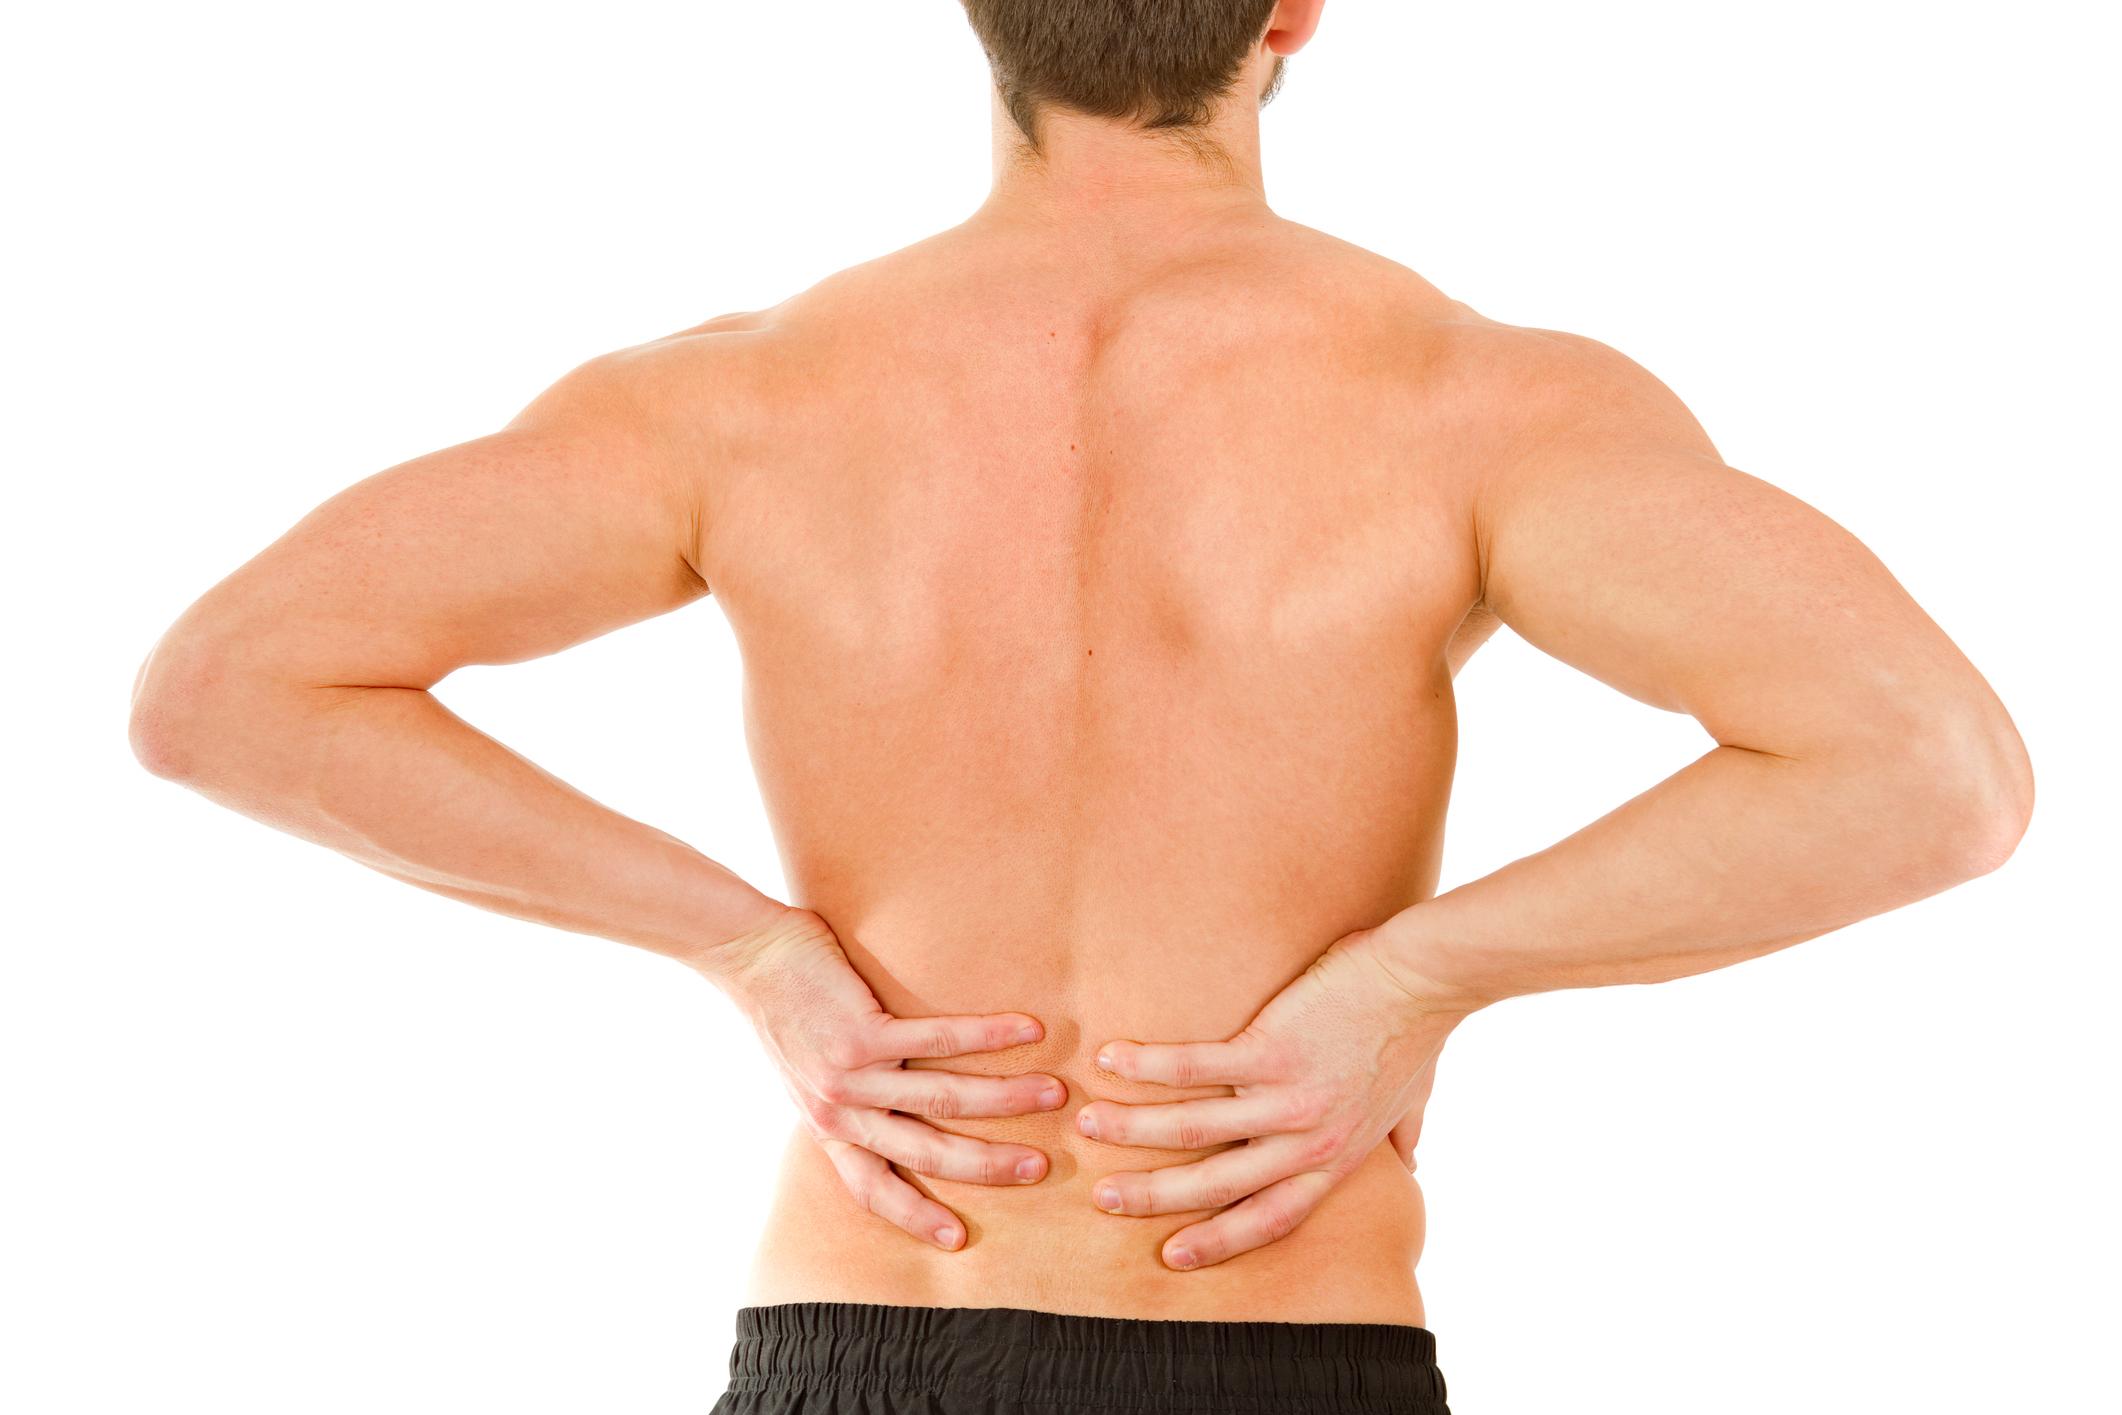 hogyan lehet enyhíteni a fájdalmat ízületi gyulladásokkal